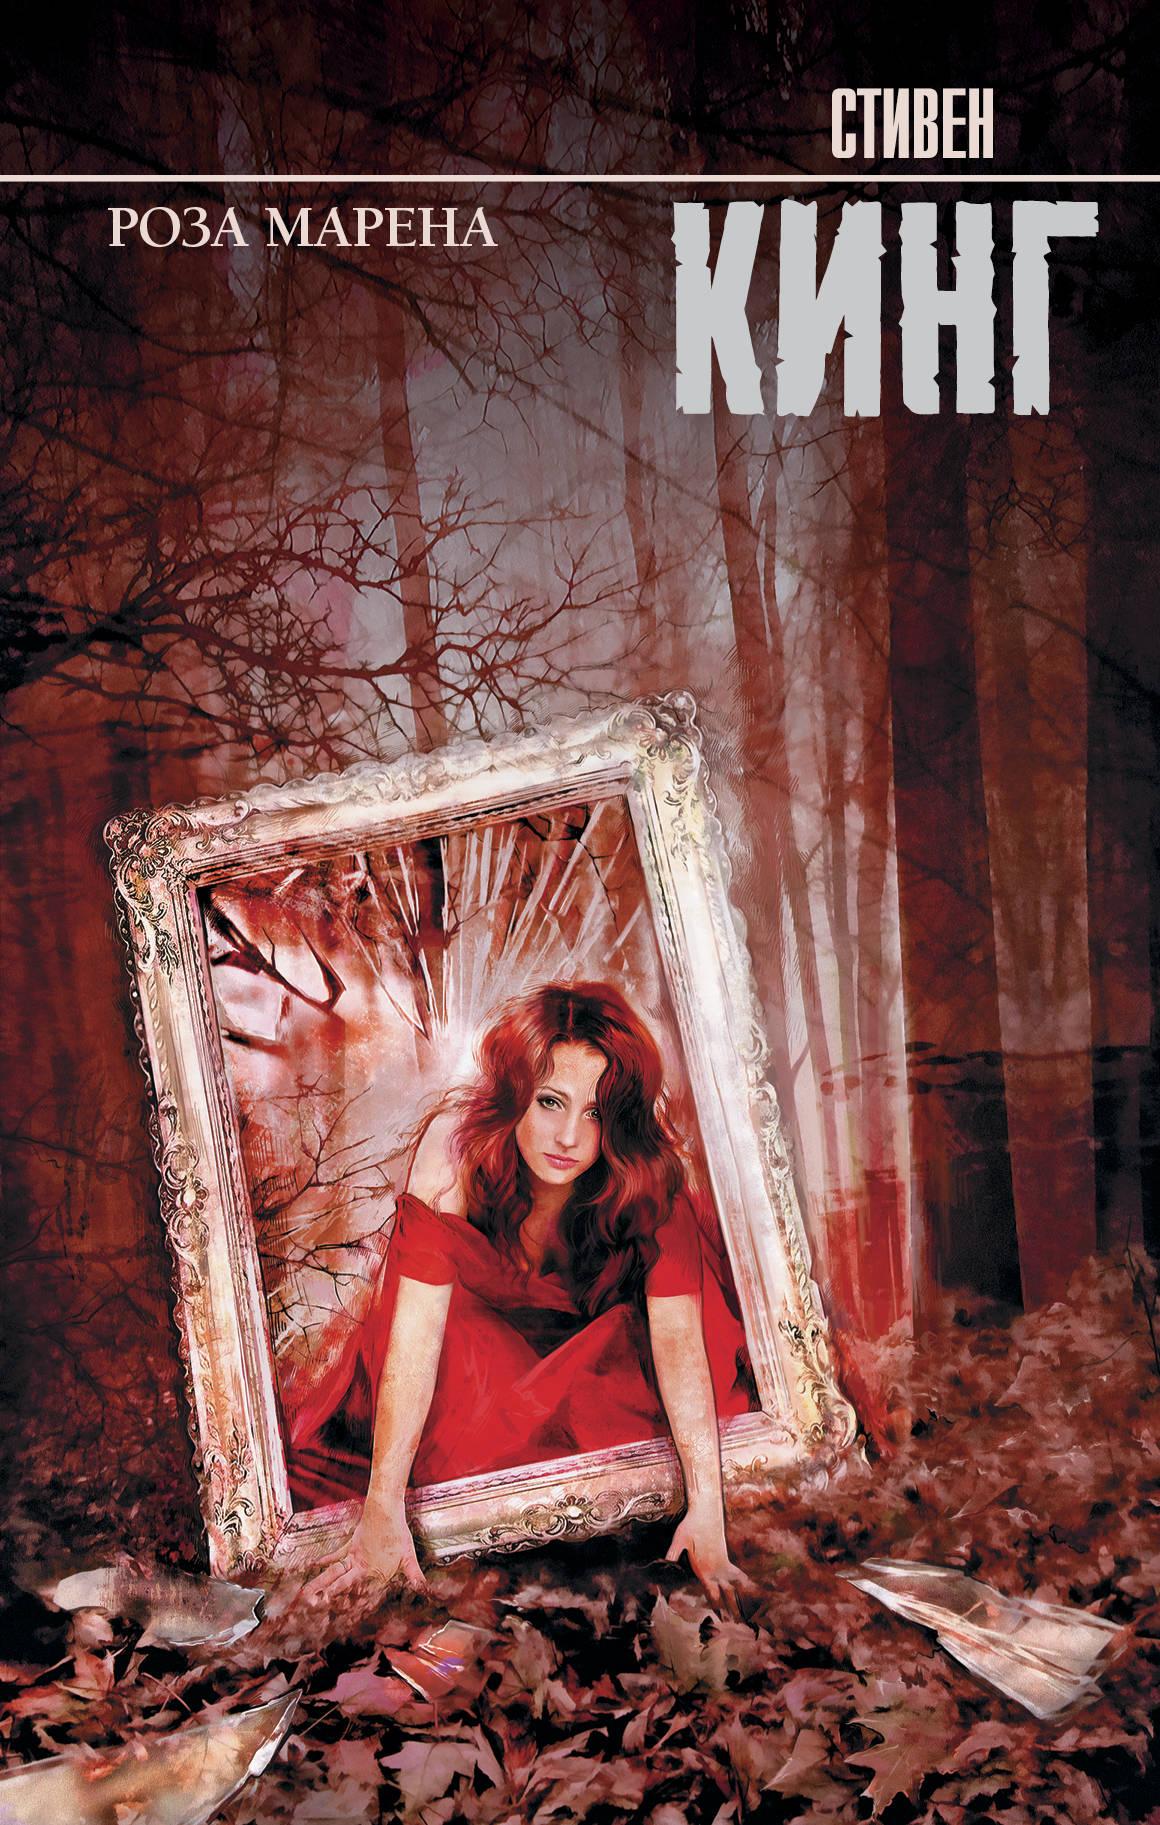 Стивен Кинг Роза Марена кинг стивен роза марена комплект из 2 книг